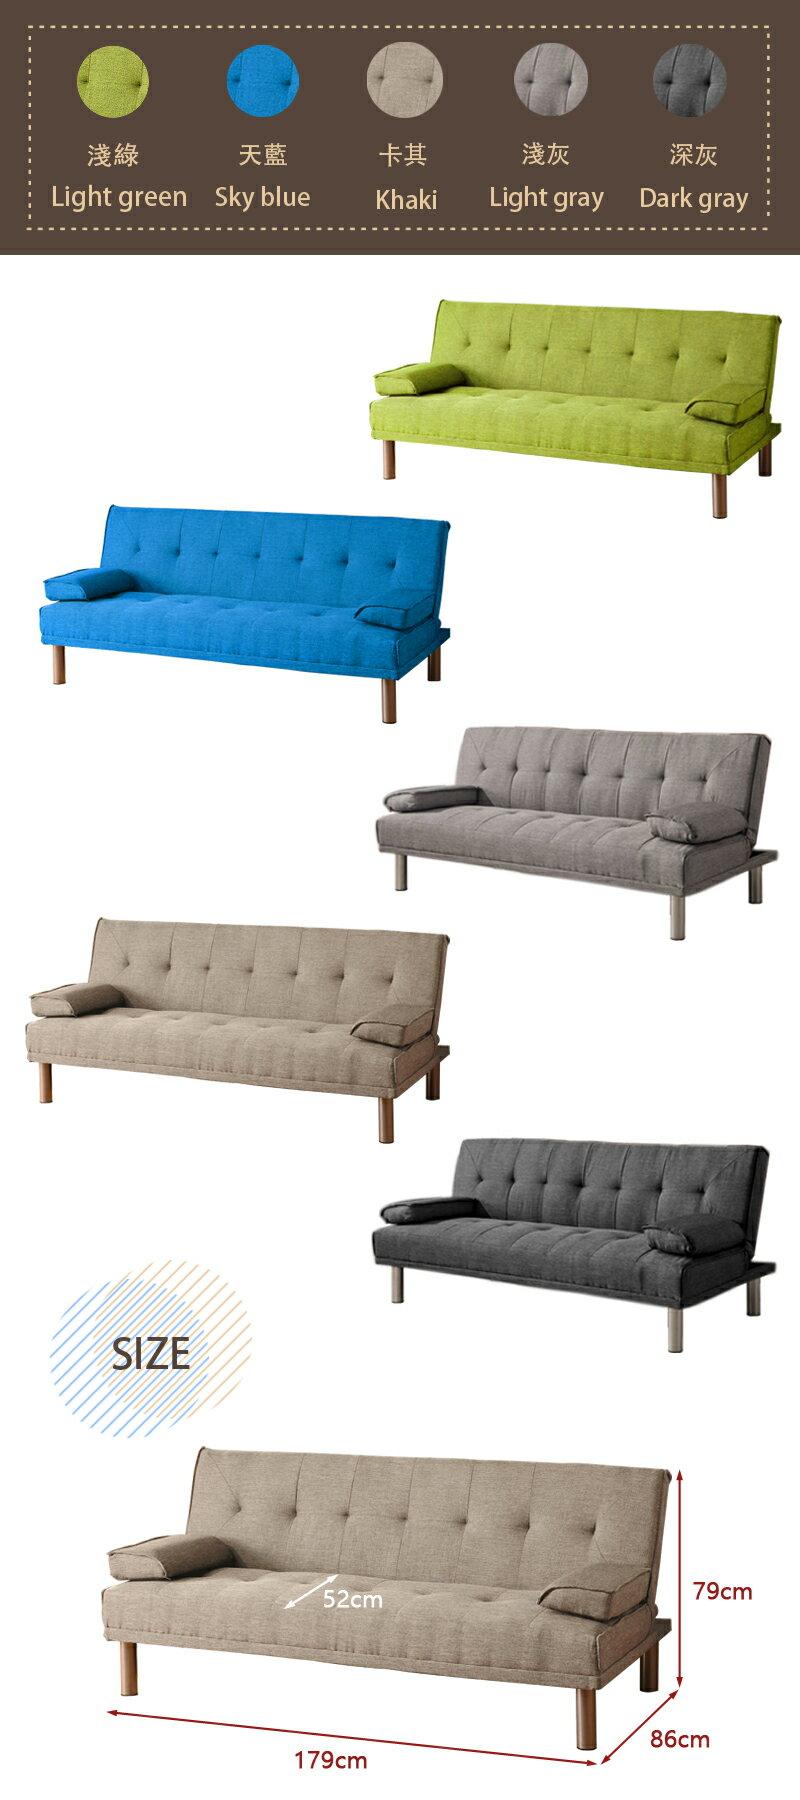 布沙發床 三人位沙發床 限時特價 三色可選 《心之綠洲》卡其 藍色 灰色 綠色 非 ikea 宜家  !新生活家具! 樂天雙12 6